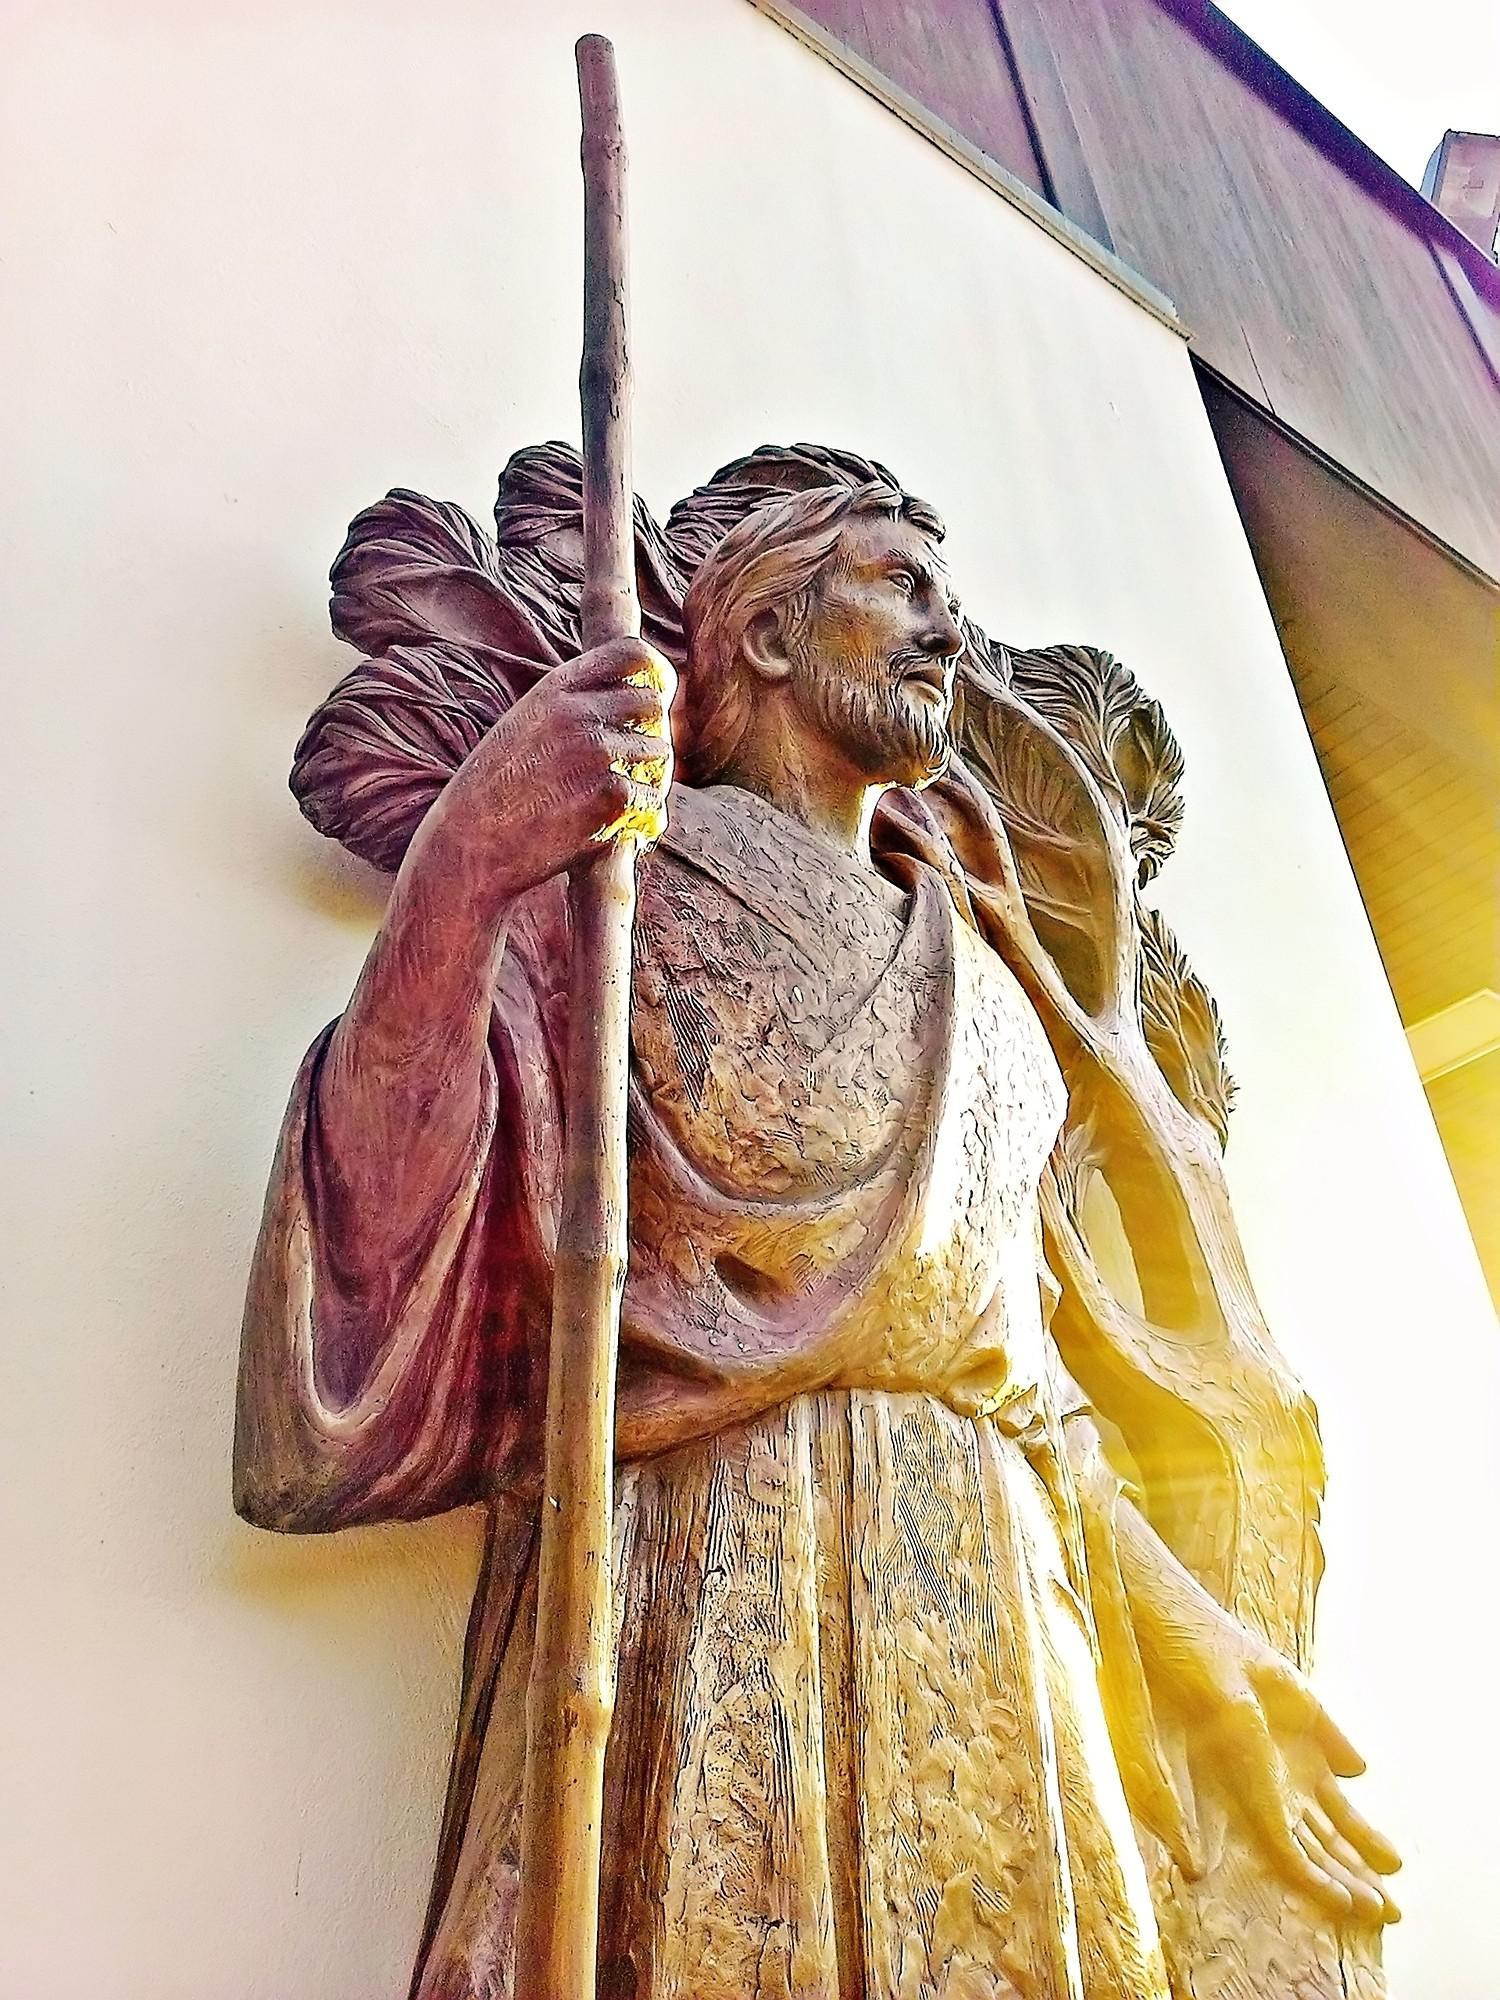 S. Giacomo apostolo, altorilievo di Giancarlo Milani in bronzo fuso.